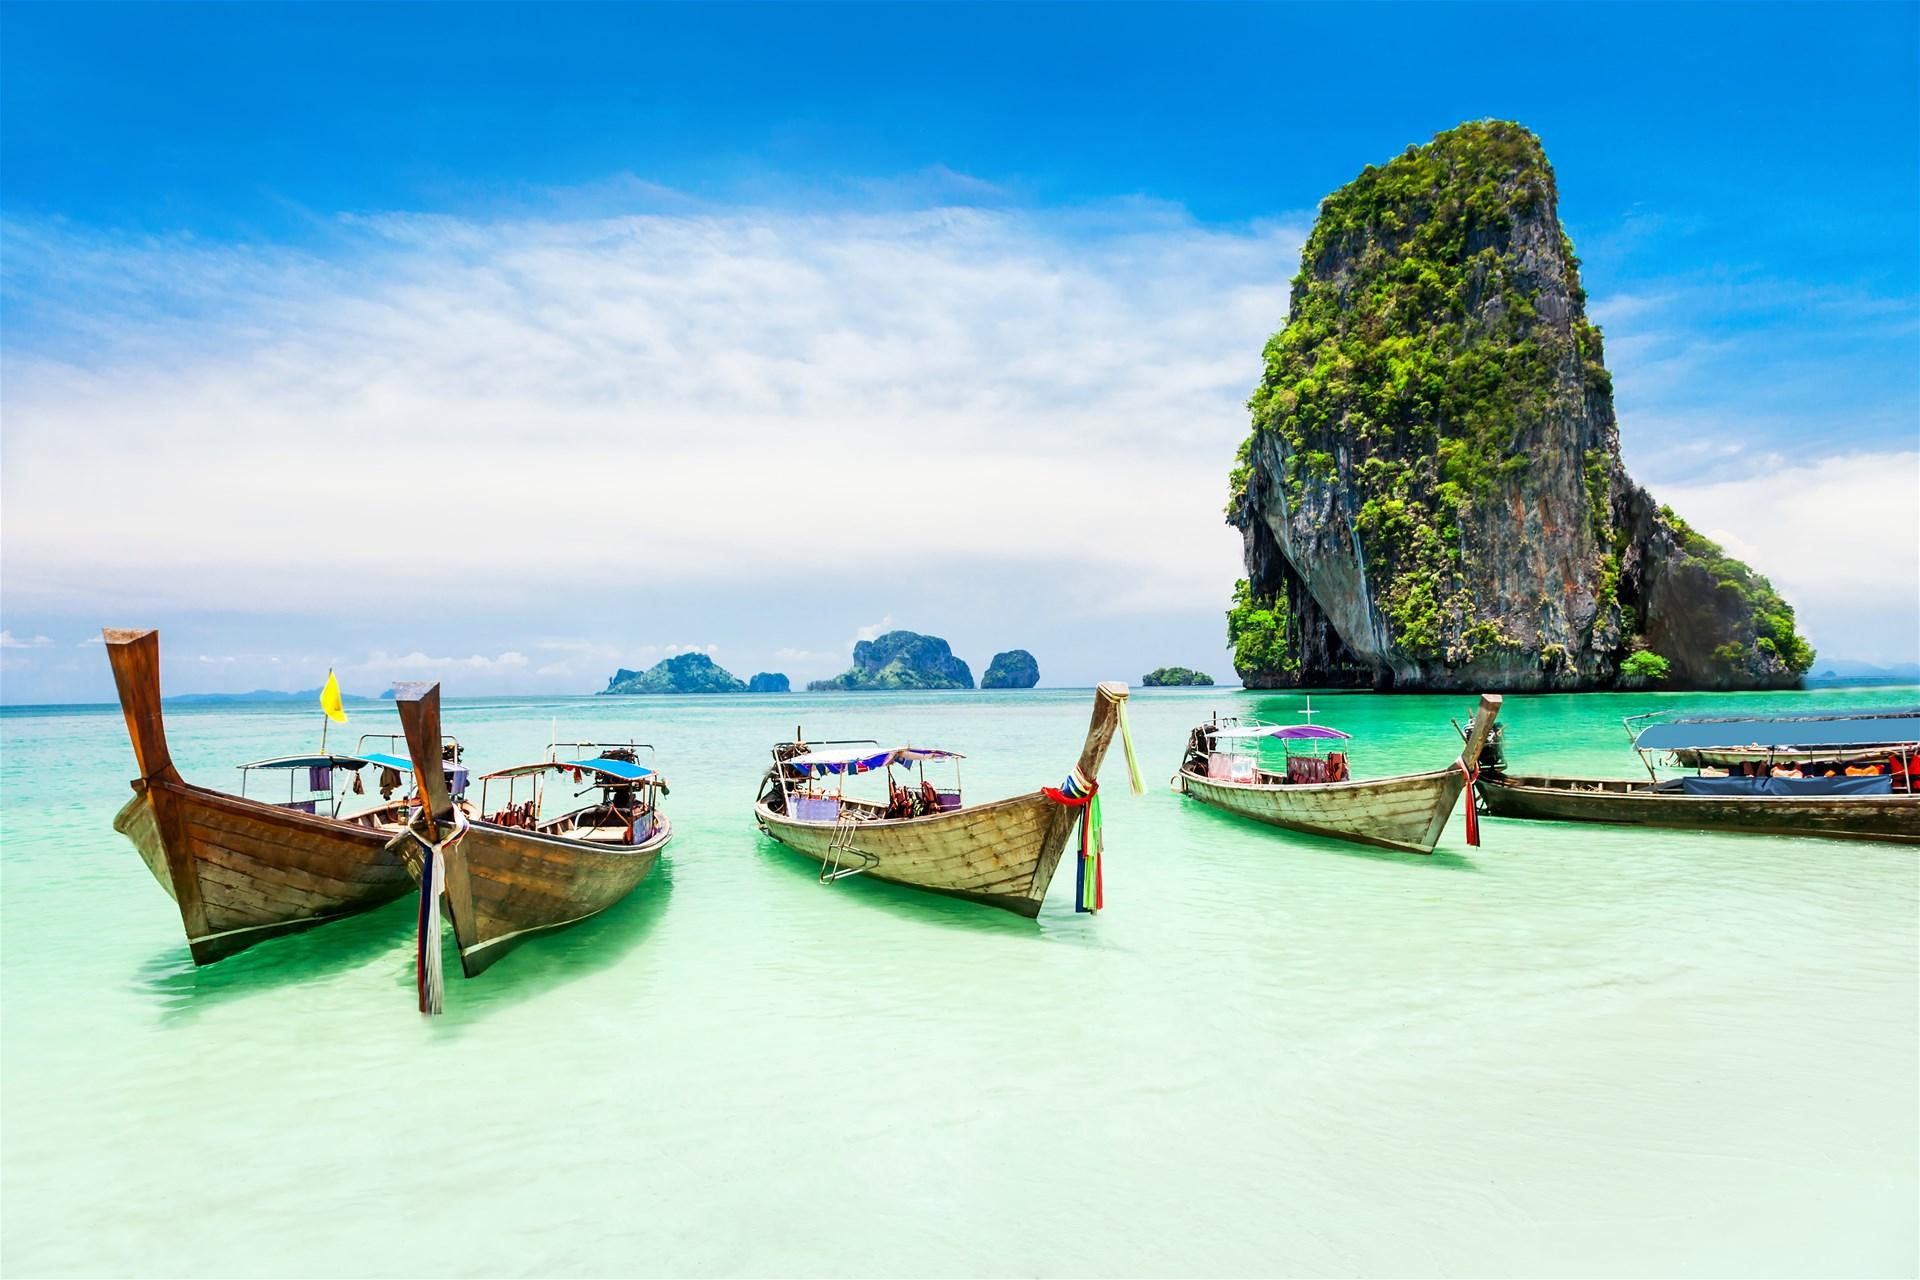 Thailand, Rest Assured